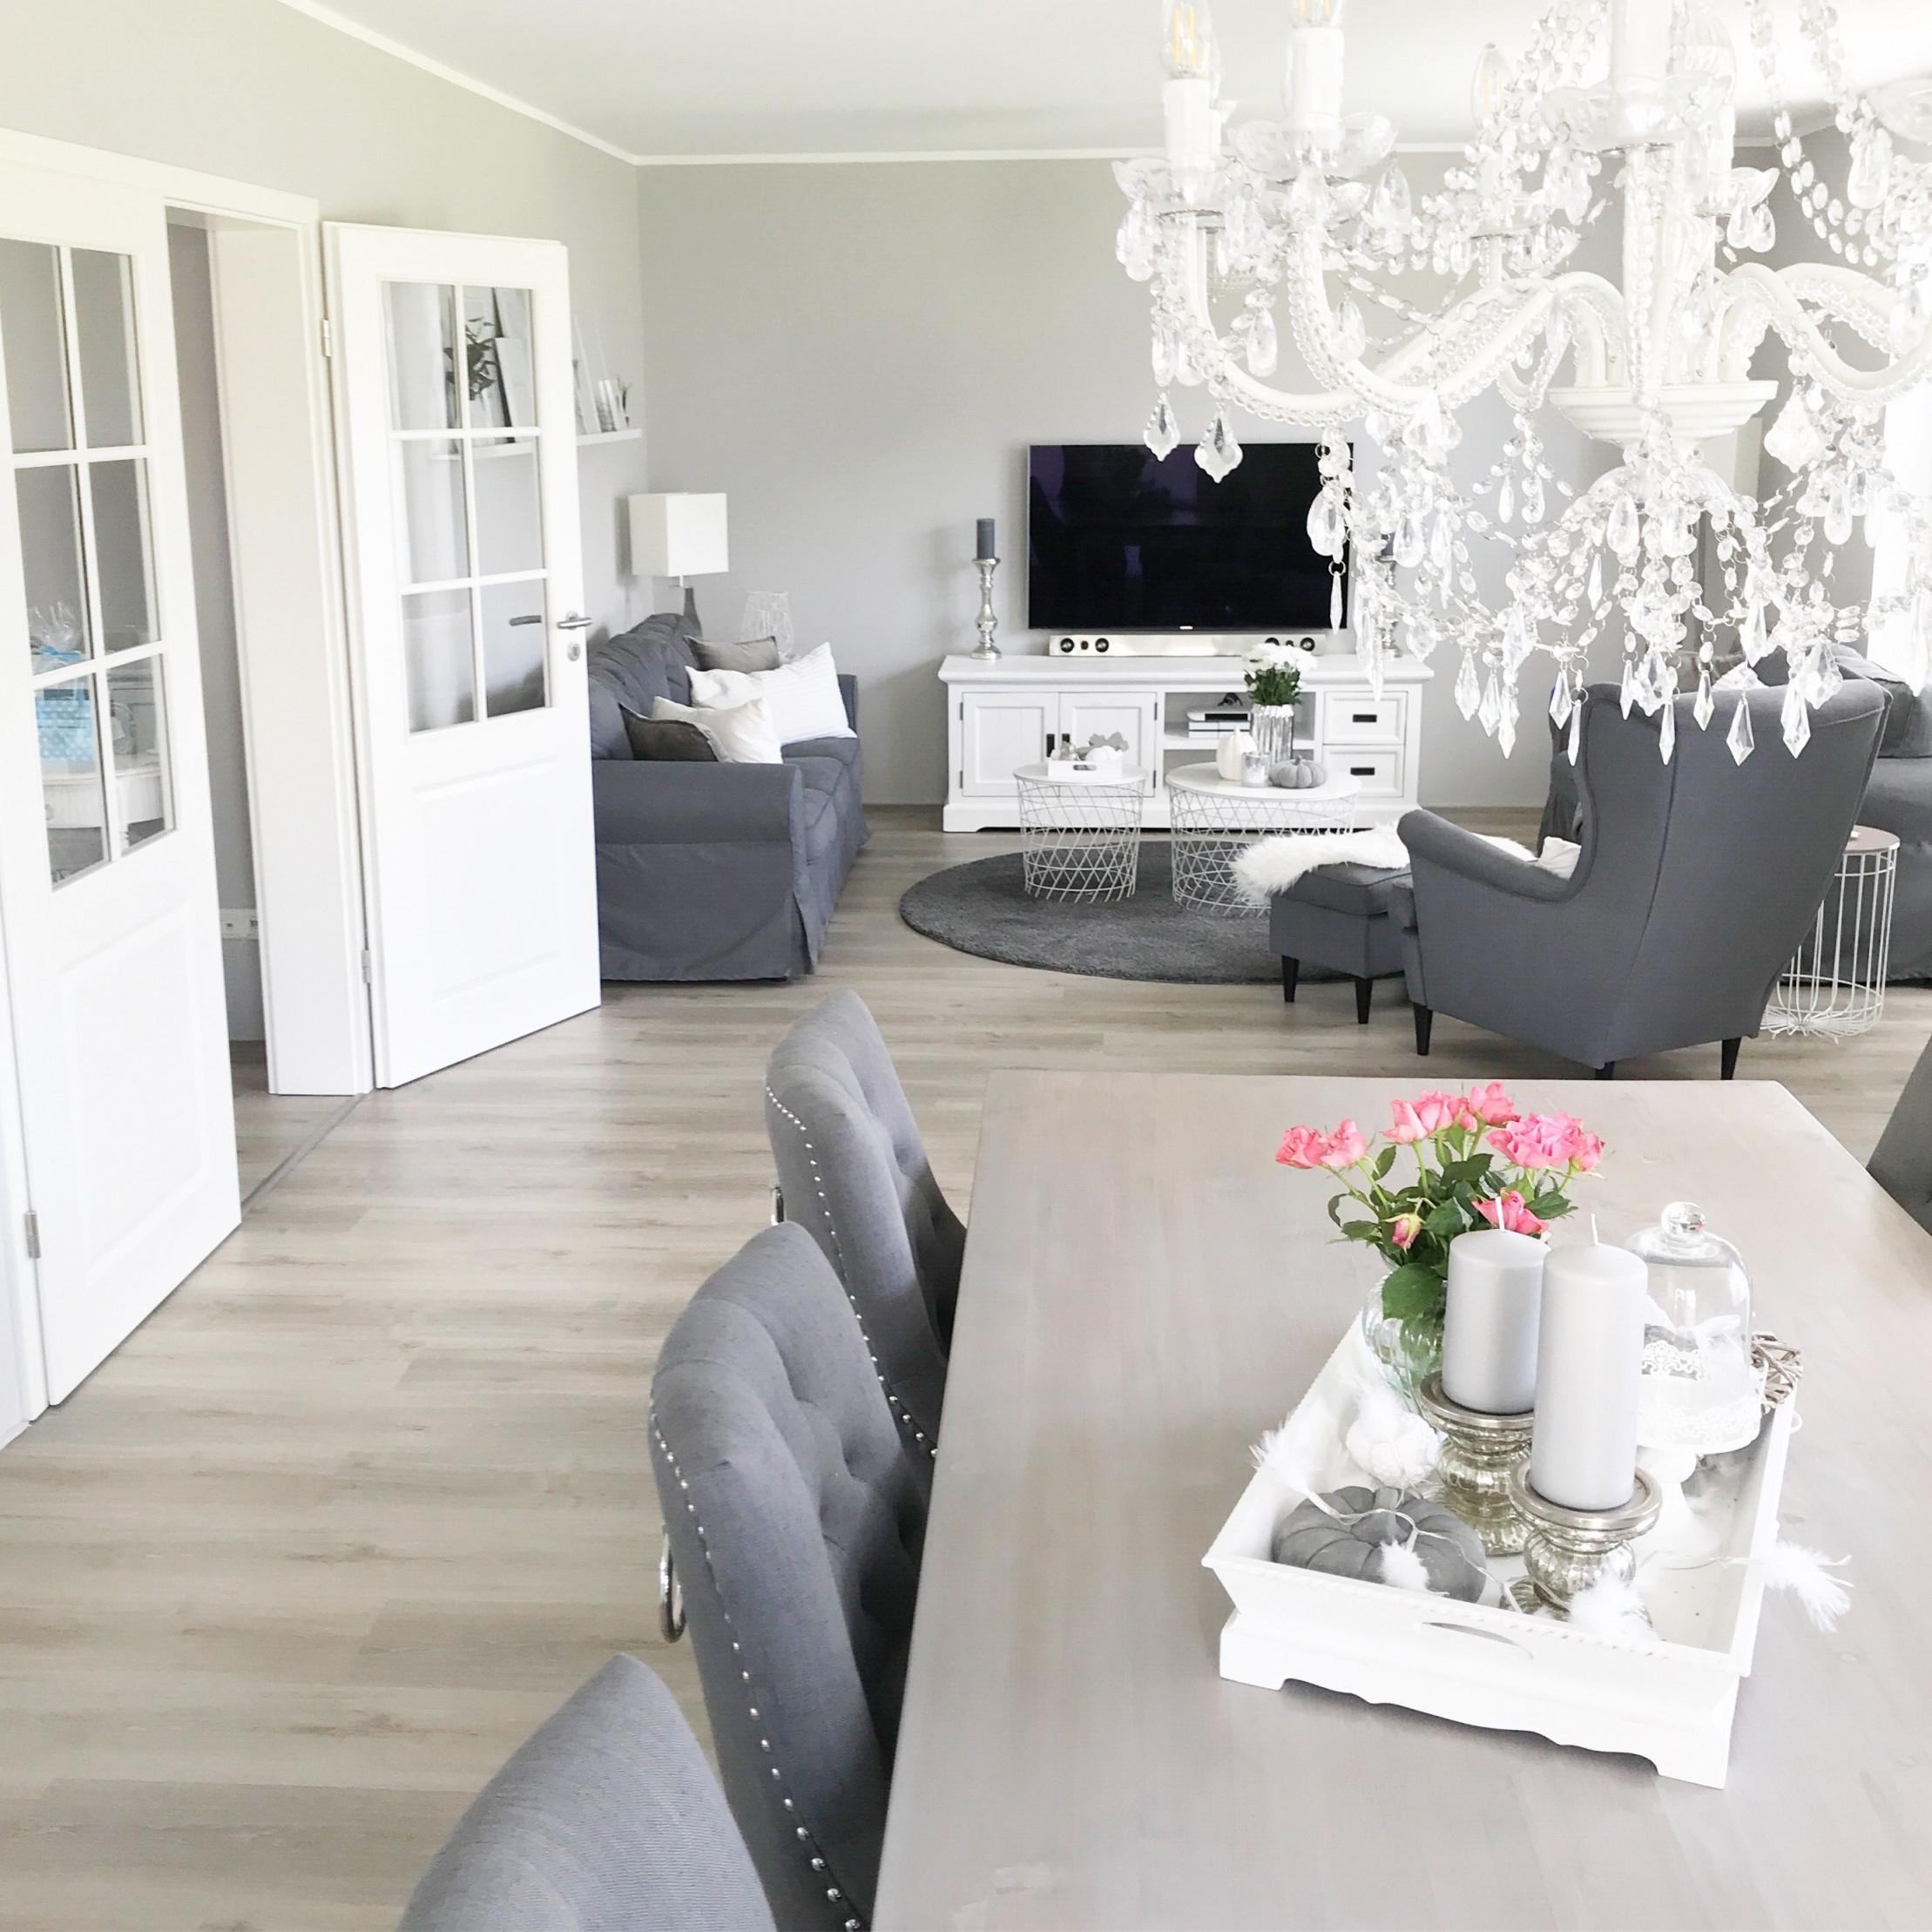 Pin Von Rosane Maria Barden Porto Da S Auf Cozinha von Landhaus Wohnzimmer Ideen Bild